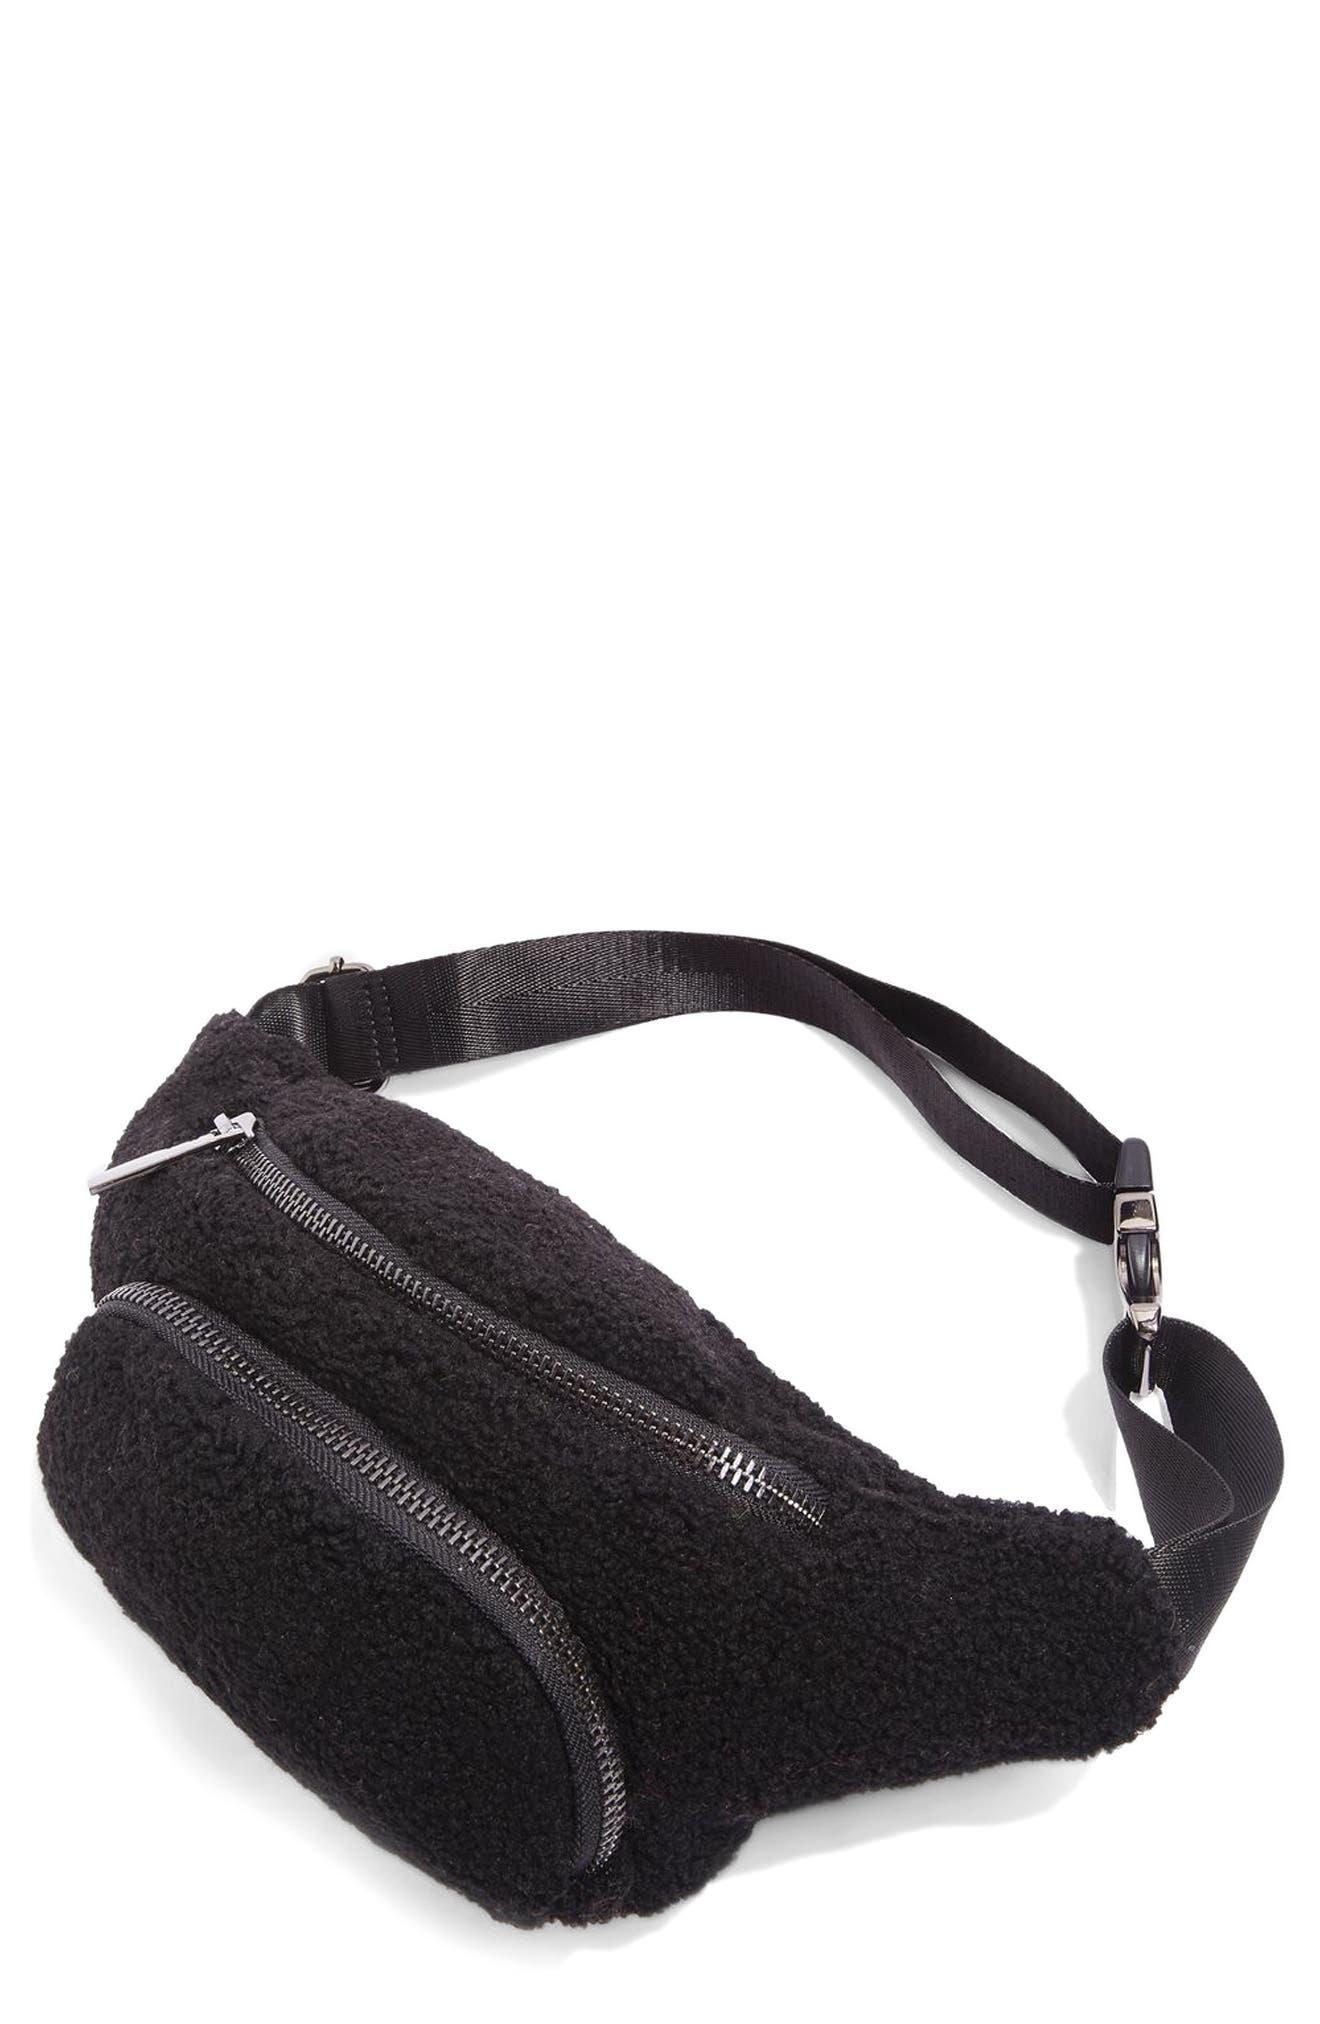 Benny Borg Belt Bag,                         Main,                         color, 001